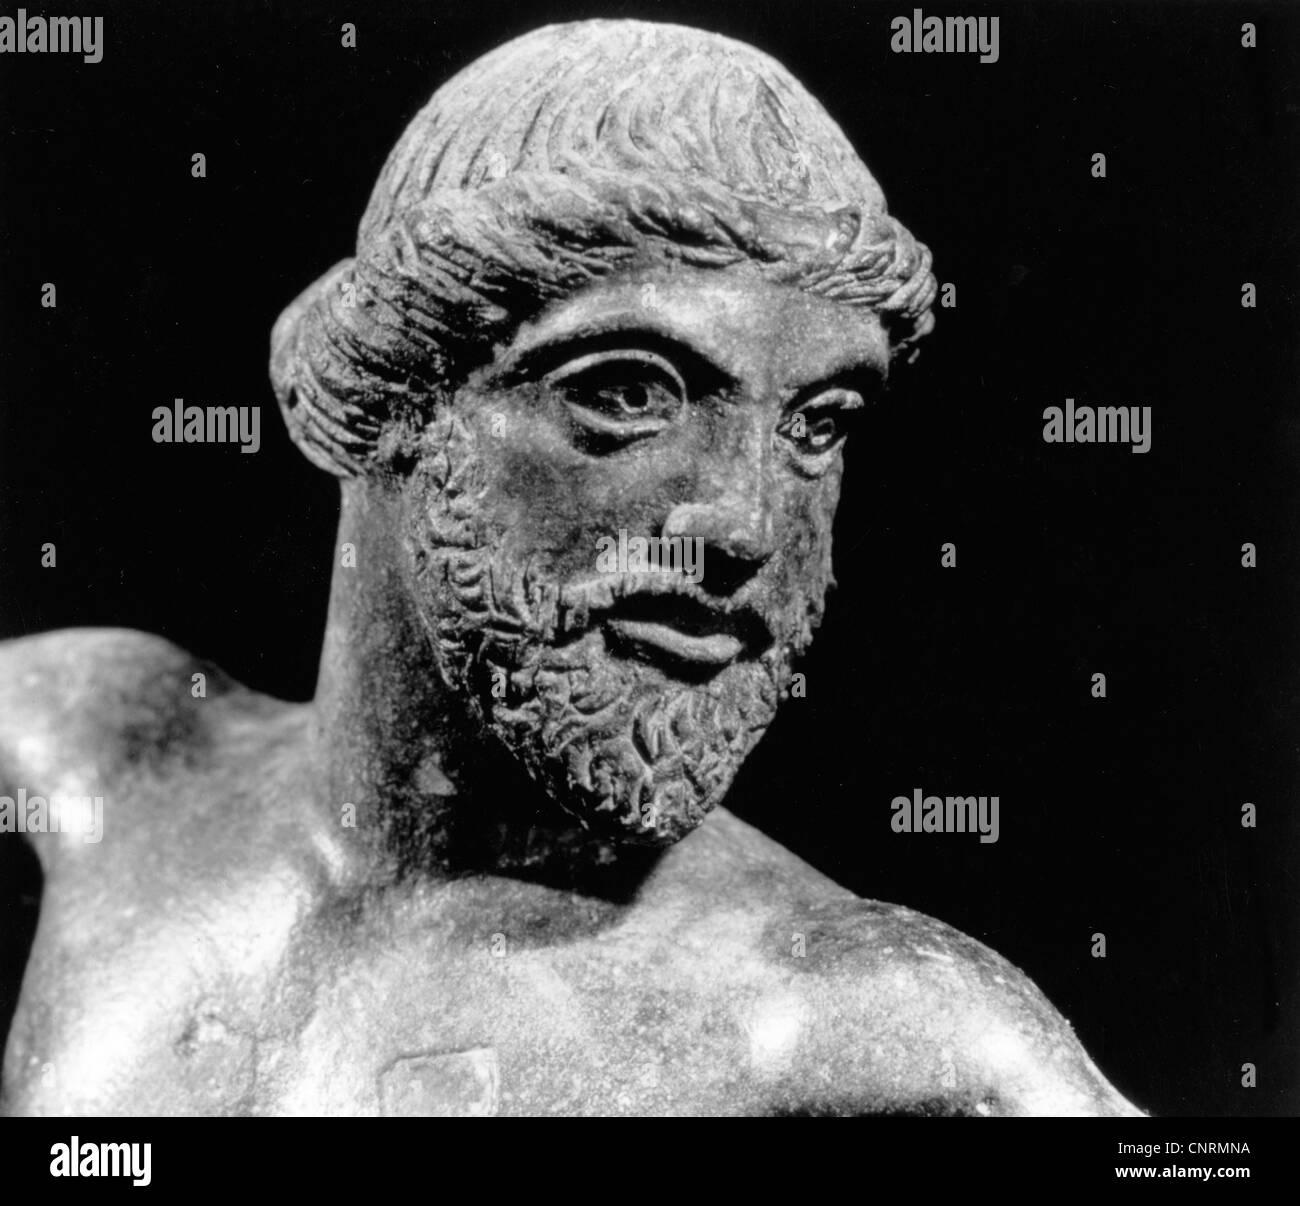 Zeus latin jupiter greek divine king leader